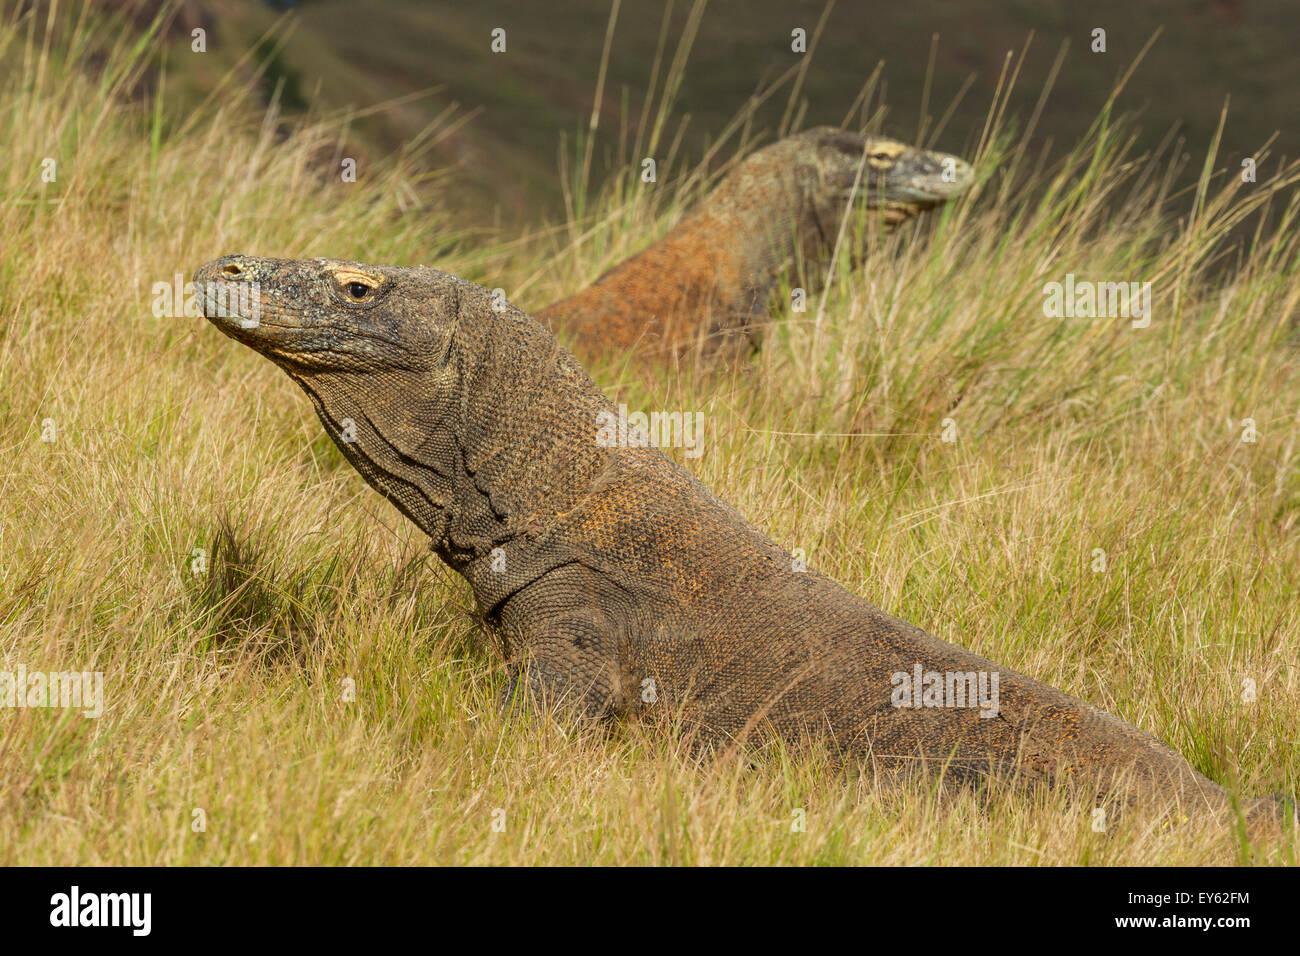 Konfrontation zwischen Komodo-Warane - Rinca Indonesien Stockbild